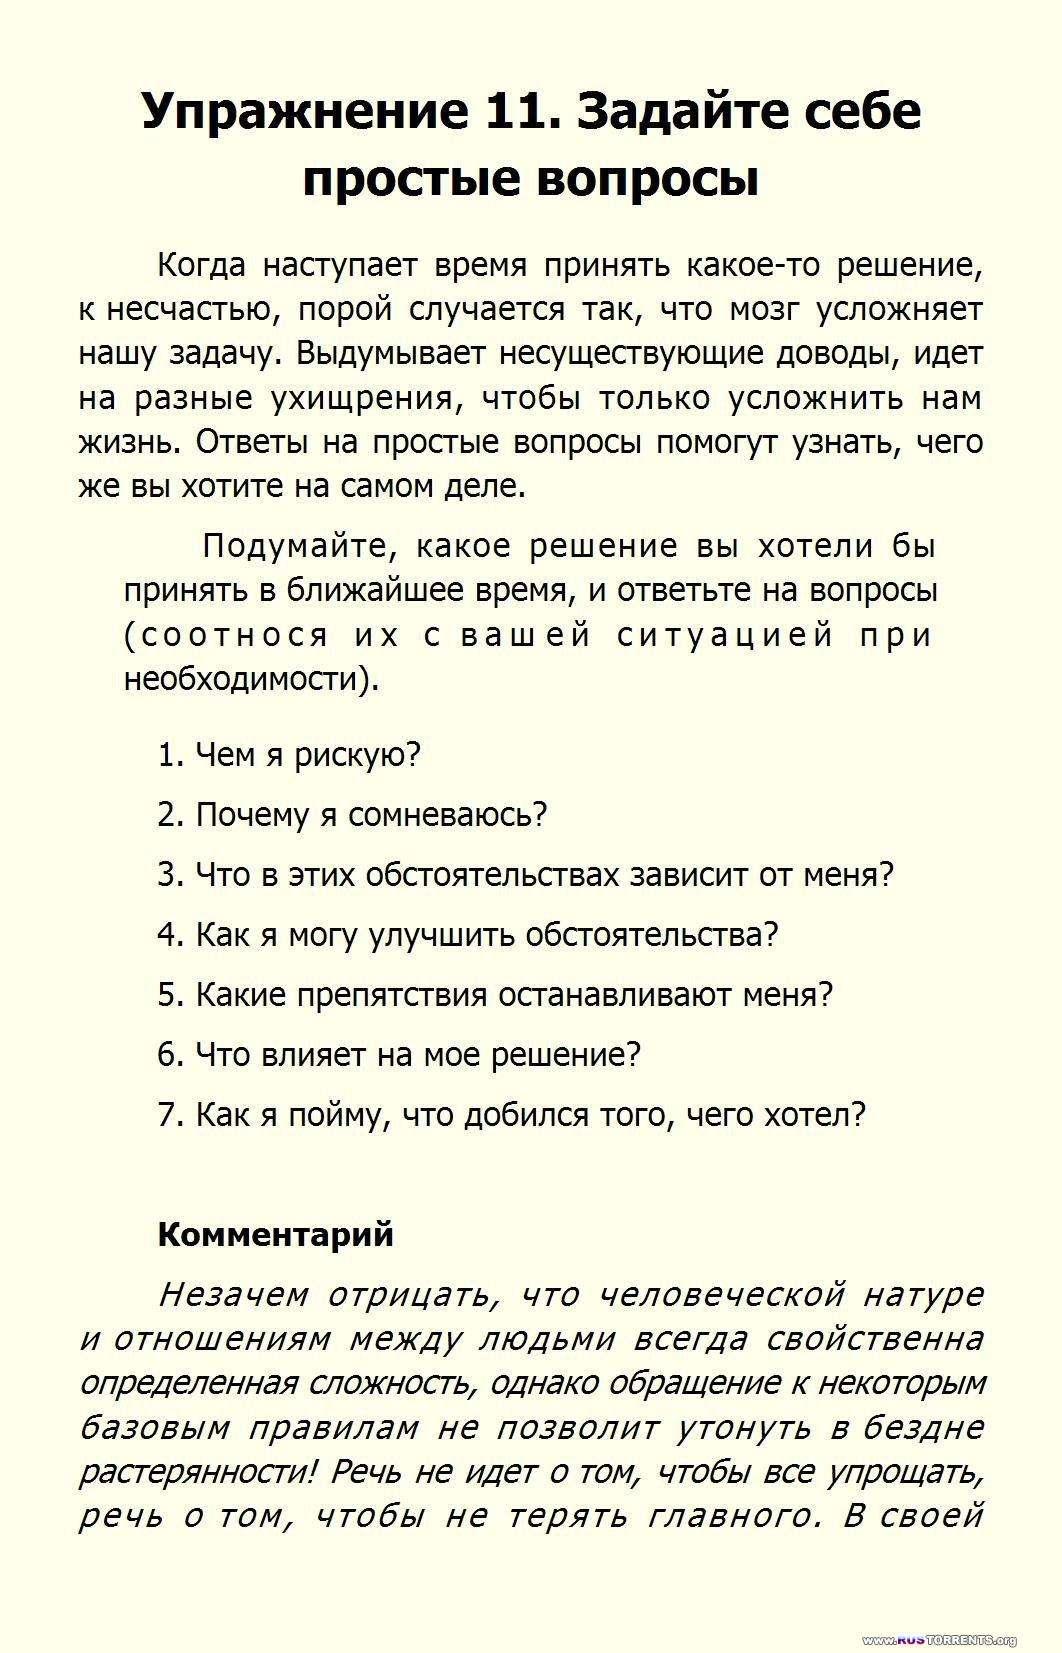 50 упражнений для успешного начала года| PDF